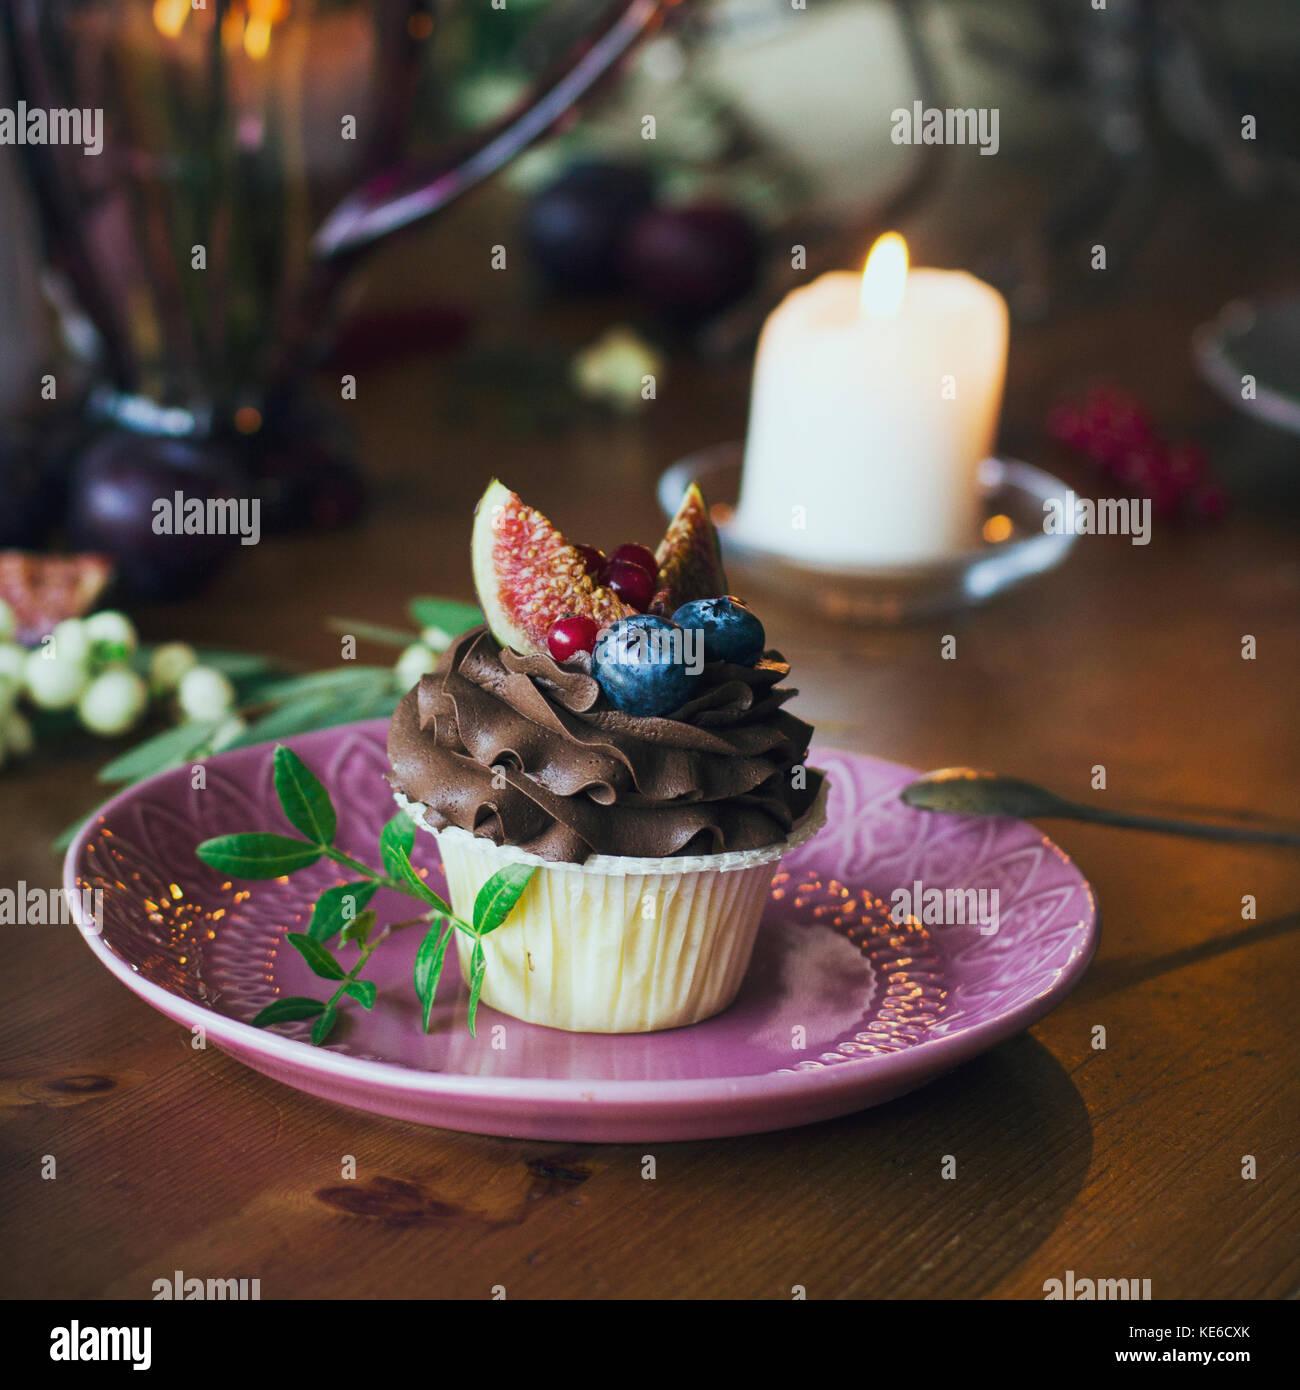 Schokolade Kuchen mit Feigen und Beeren auf festlichen Tisch Stockbild